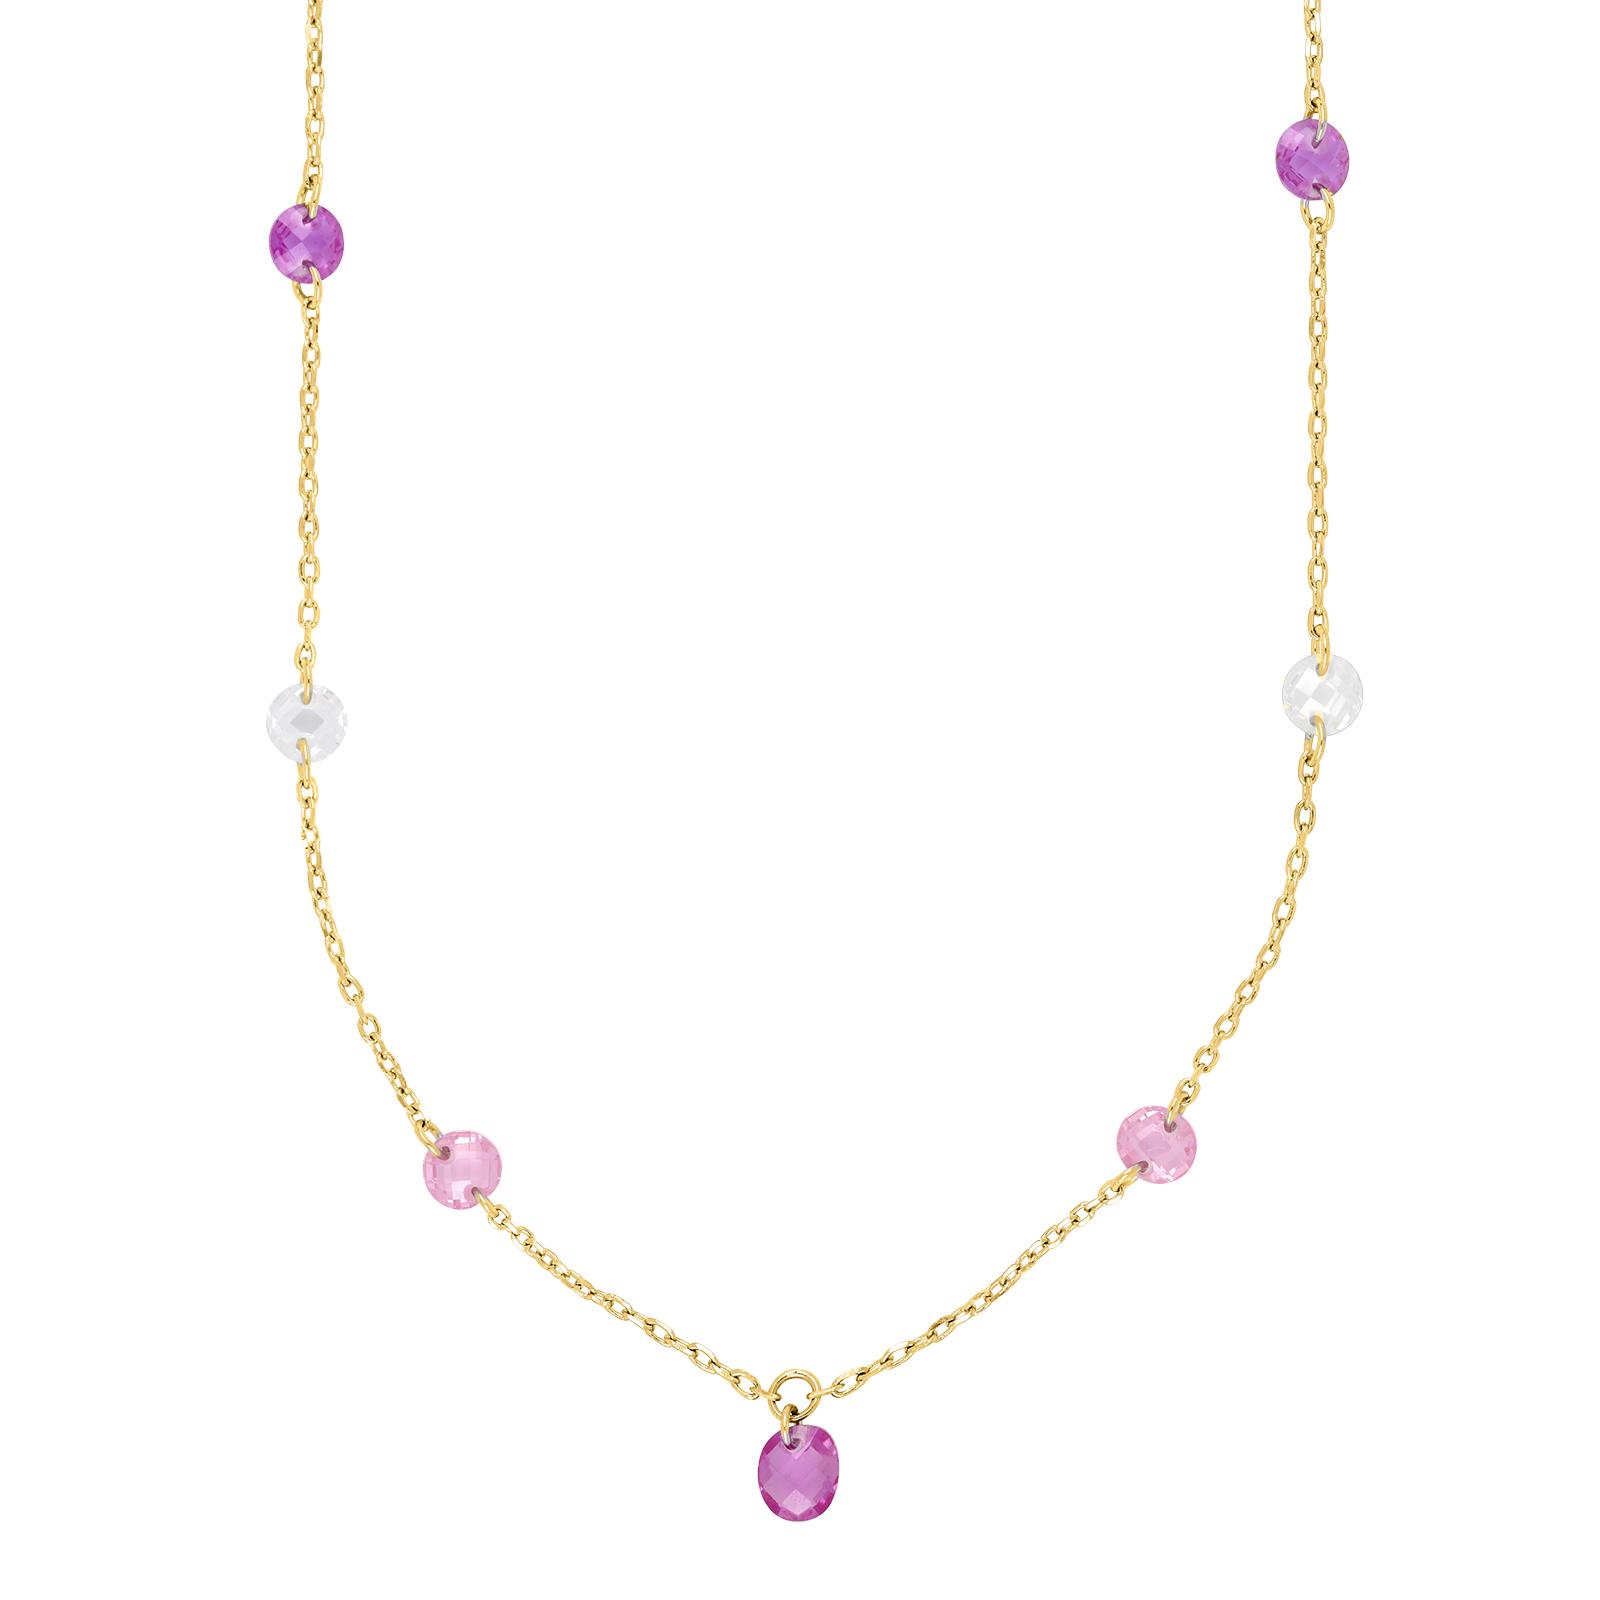 Forgyldt sølv halskæde med pink sten fra Joanli Nor